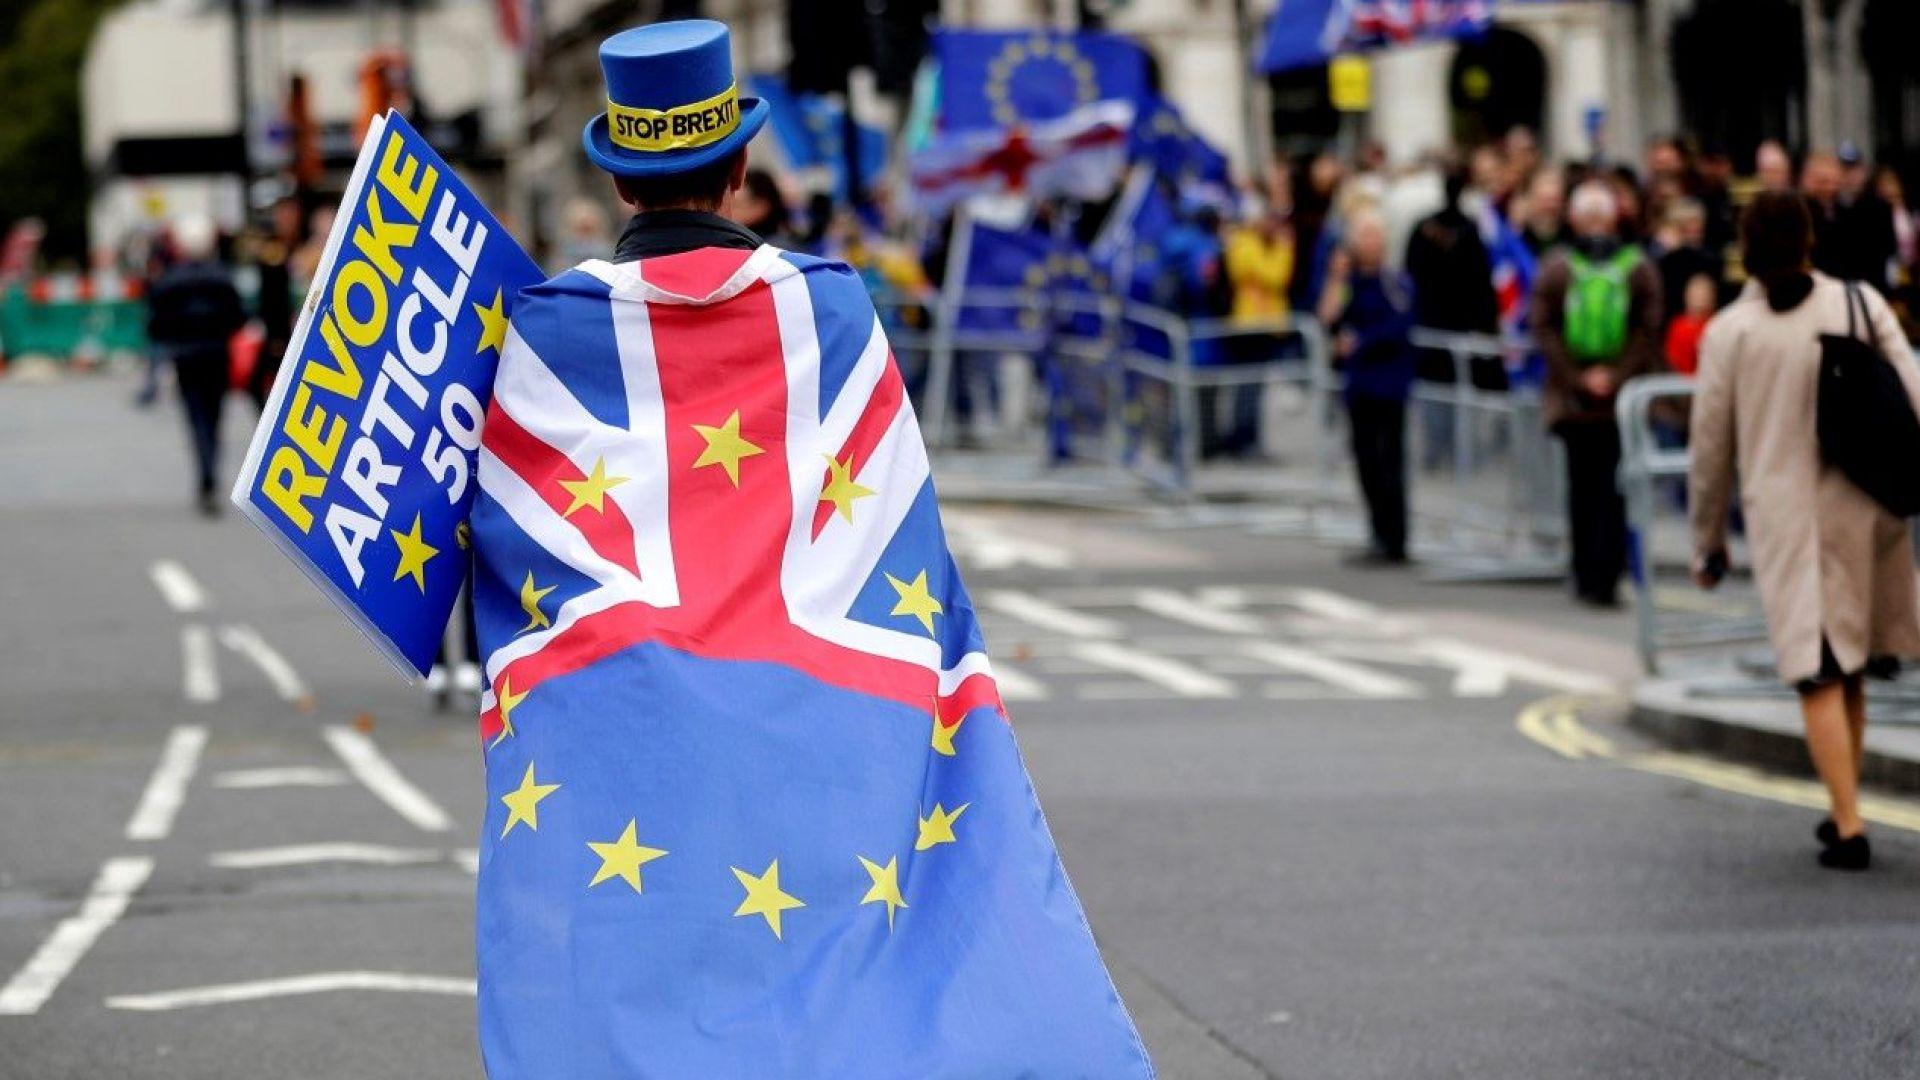 Туск обвини Борис Джонсън, че си играе с бъдещето на Европа, Меркел почти отписа сделка с Лондон